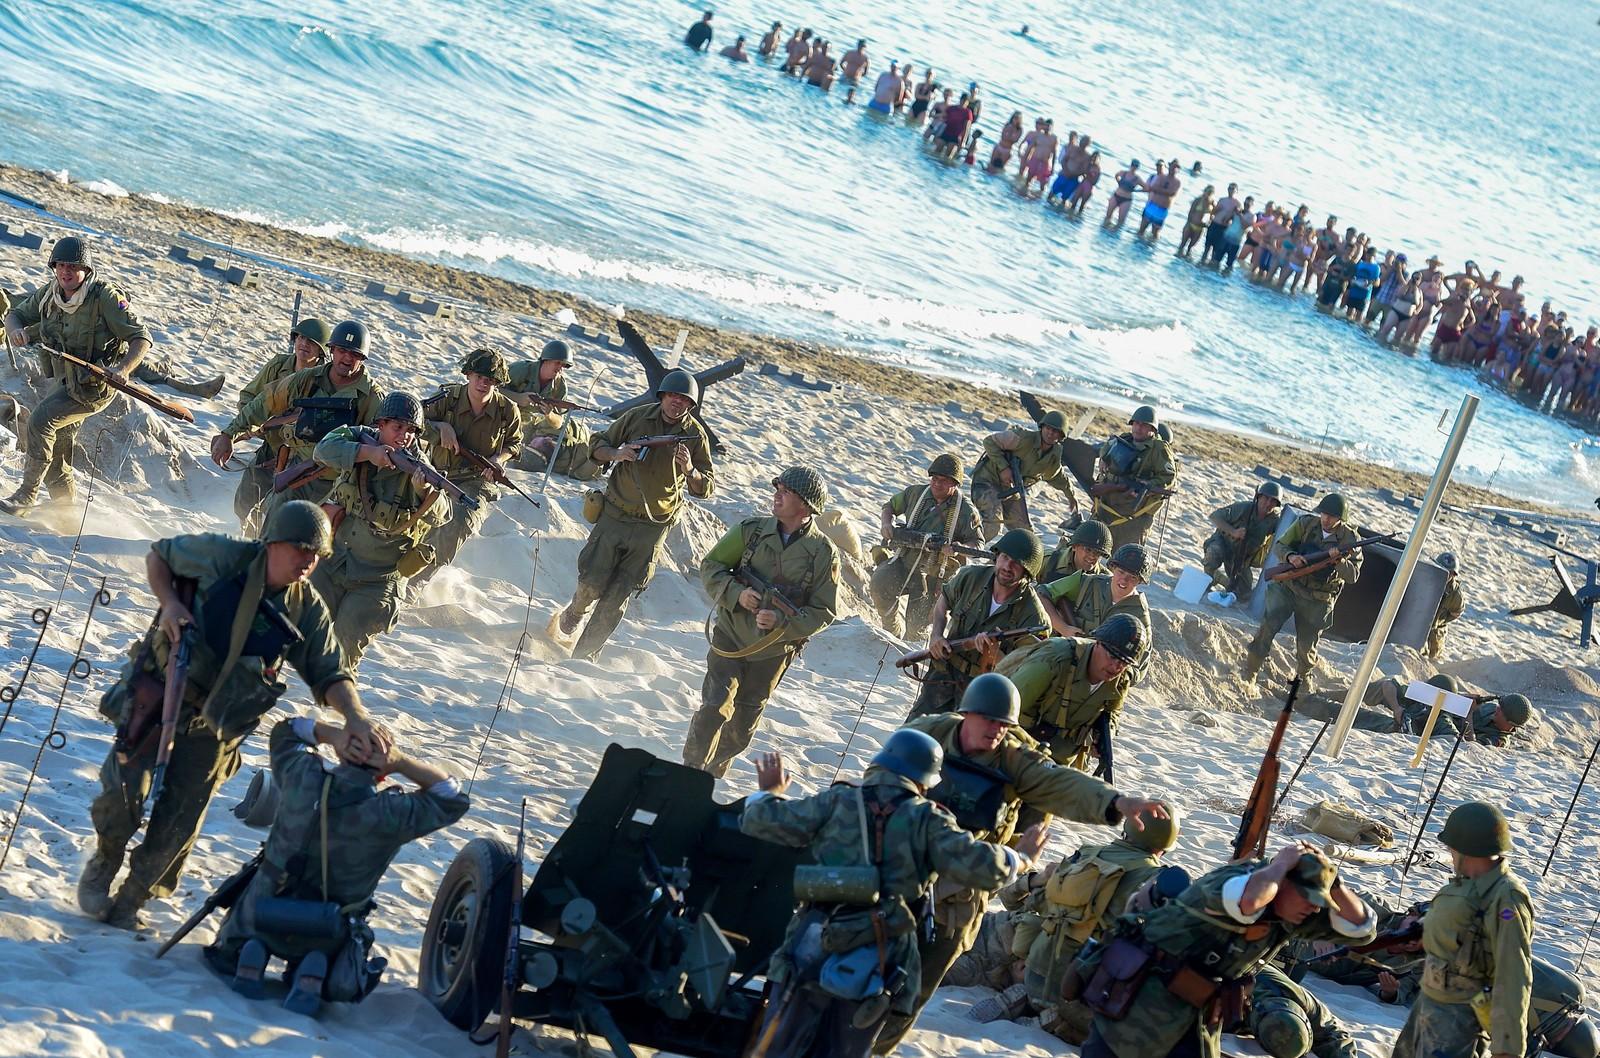 Det er kanskje litt kjedelig at noen skal leke krig akkurat den dagen du hadde planlagt en stranddag. Her gjenskaper de invasjonen i Normandie i Benidorm.